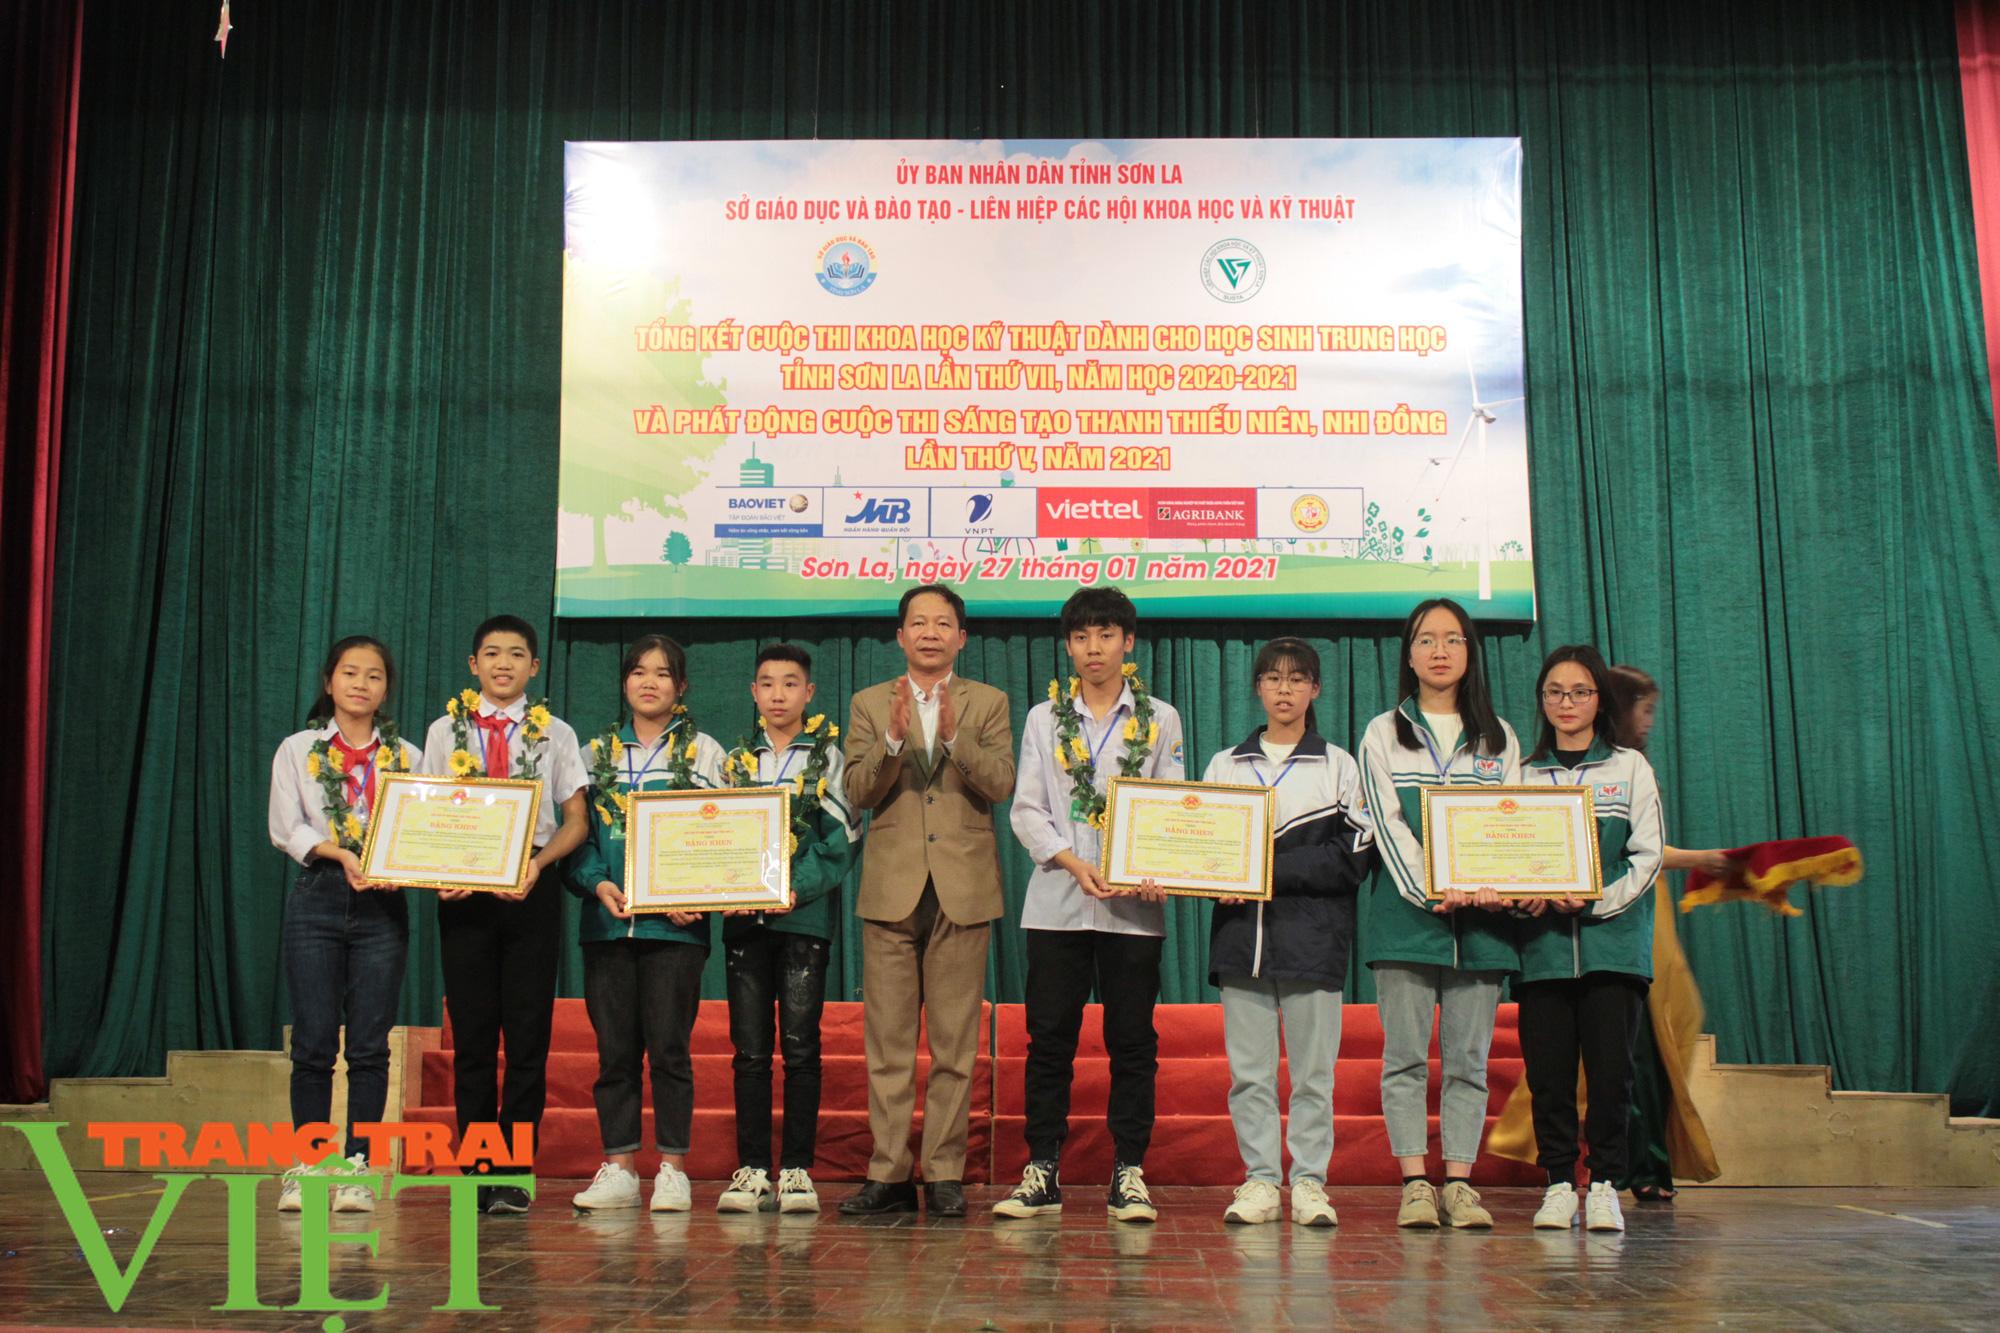 Sơn La: 81 dựa án đoạt giải Cuộc thi khoa học kỹ thuật cấp tỉnh - Ảnh 1.